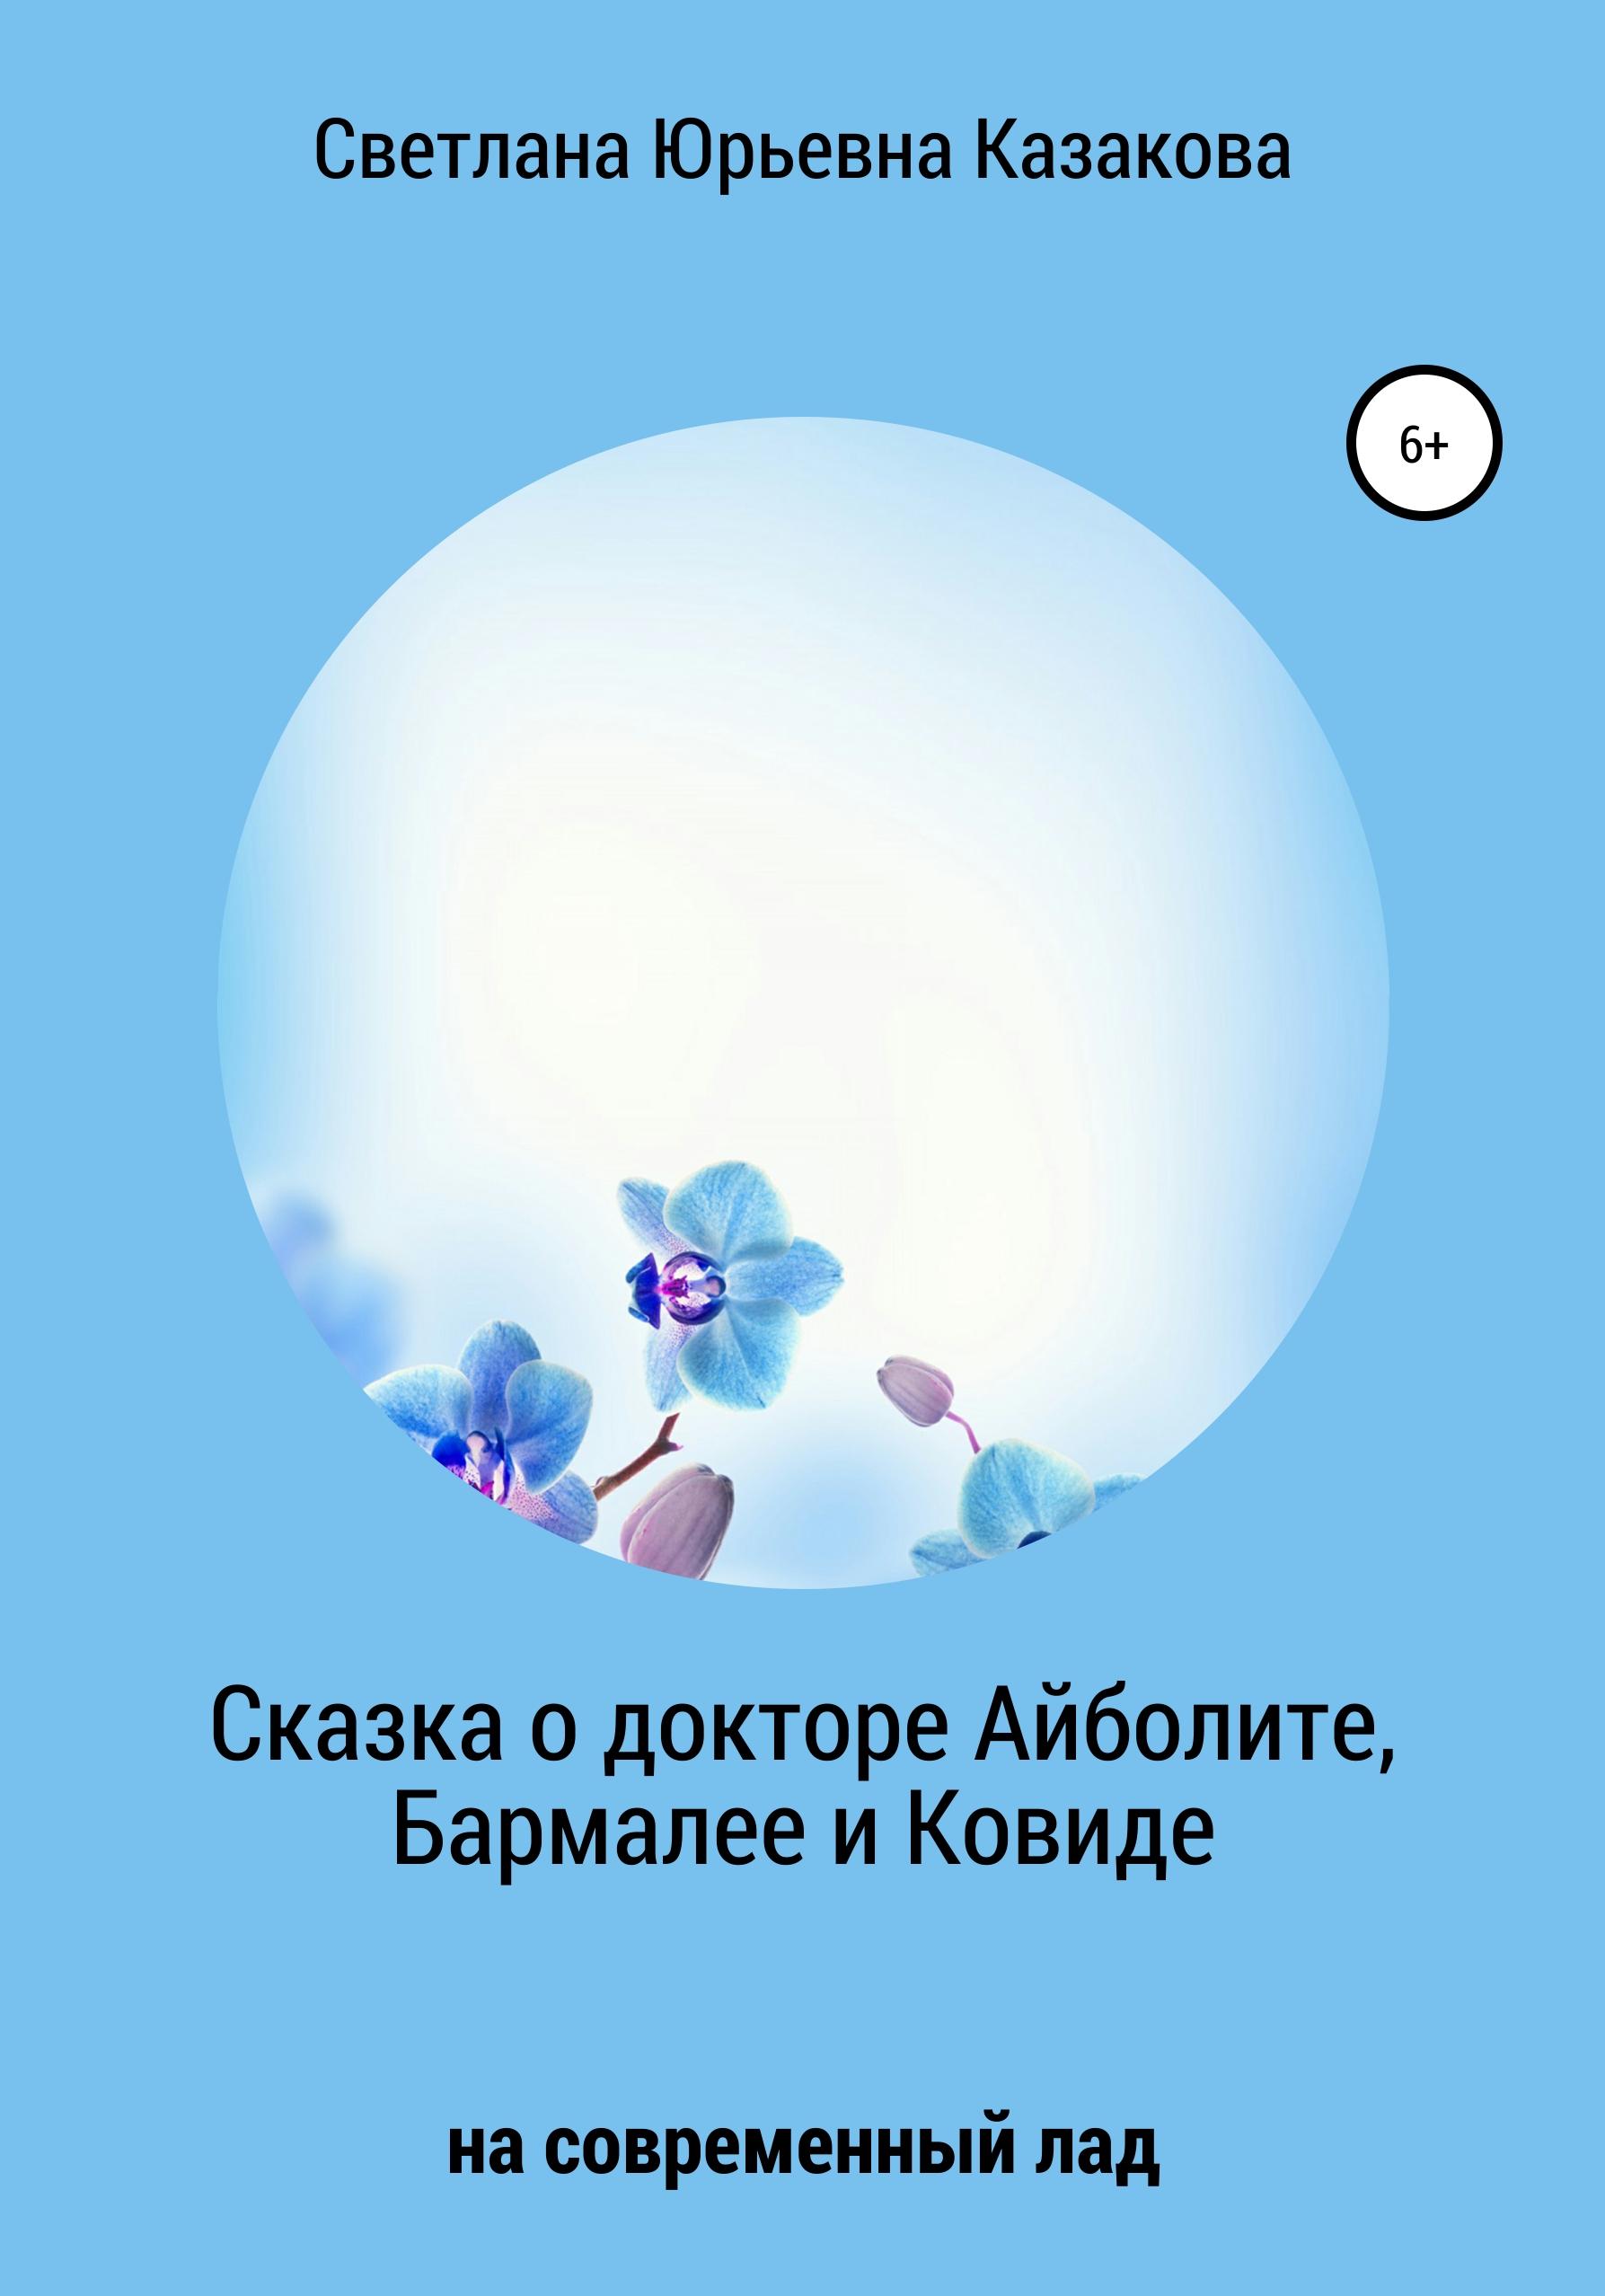 Светлана Казакова - Сказка о докторе Айболите, Бармалее и Ковиде